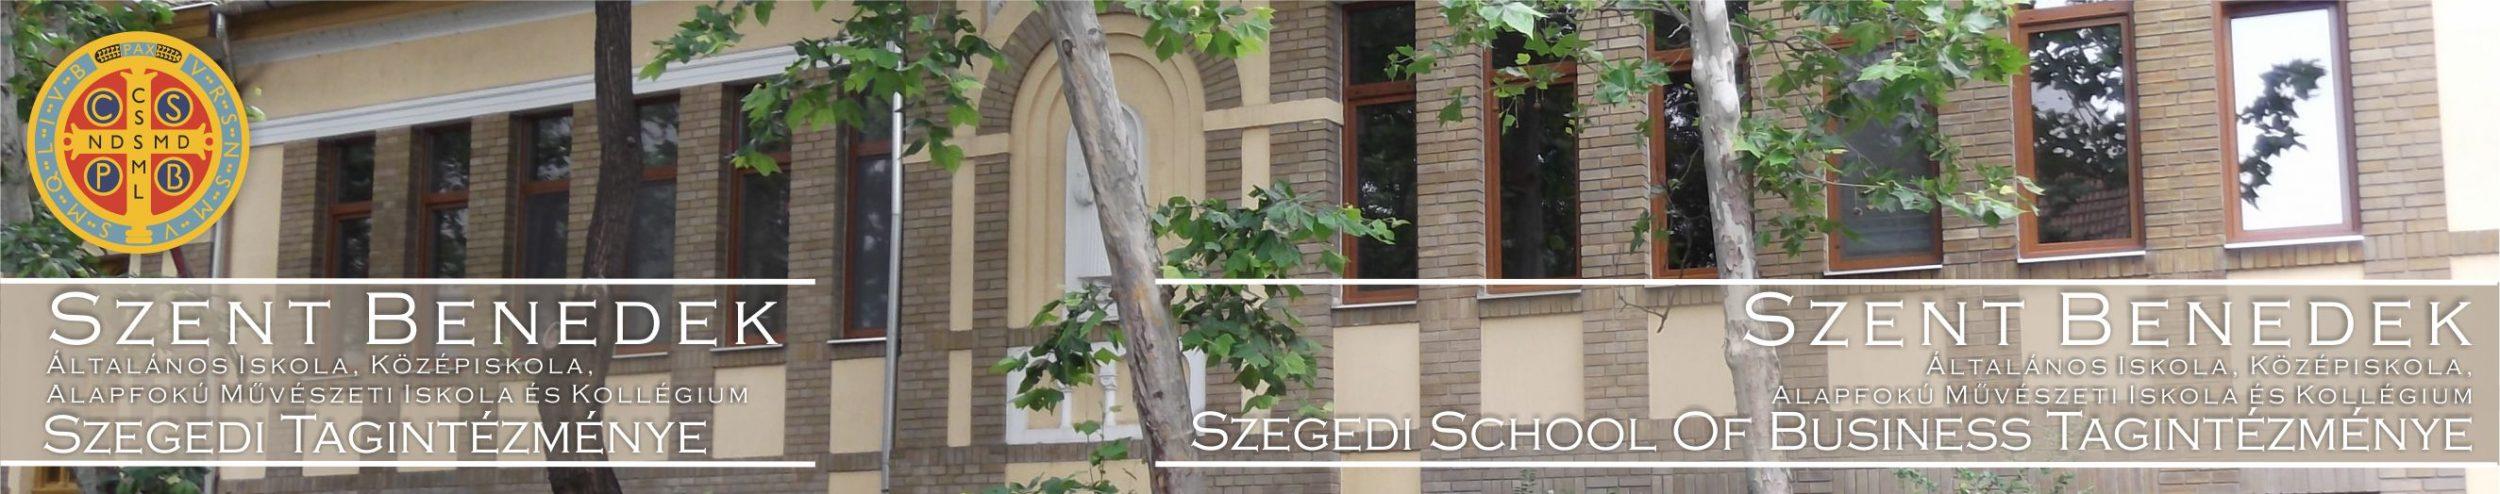 Szent Benedek Általános Iskola, Középiskola, Alapfokú Művészeti Iskola és Kollégium Szegedi Tagintézménye